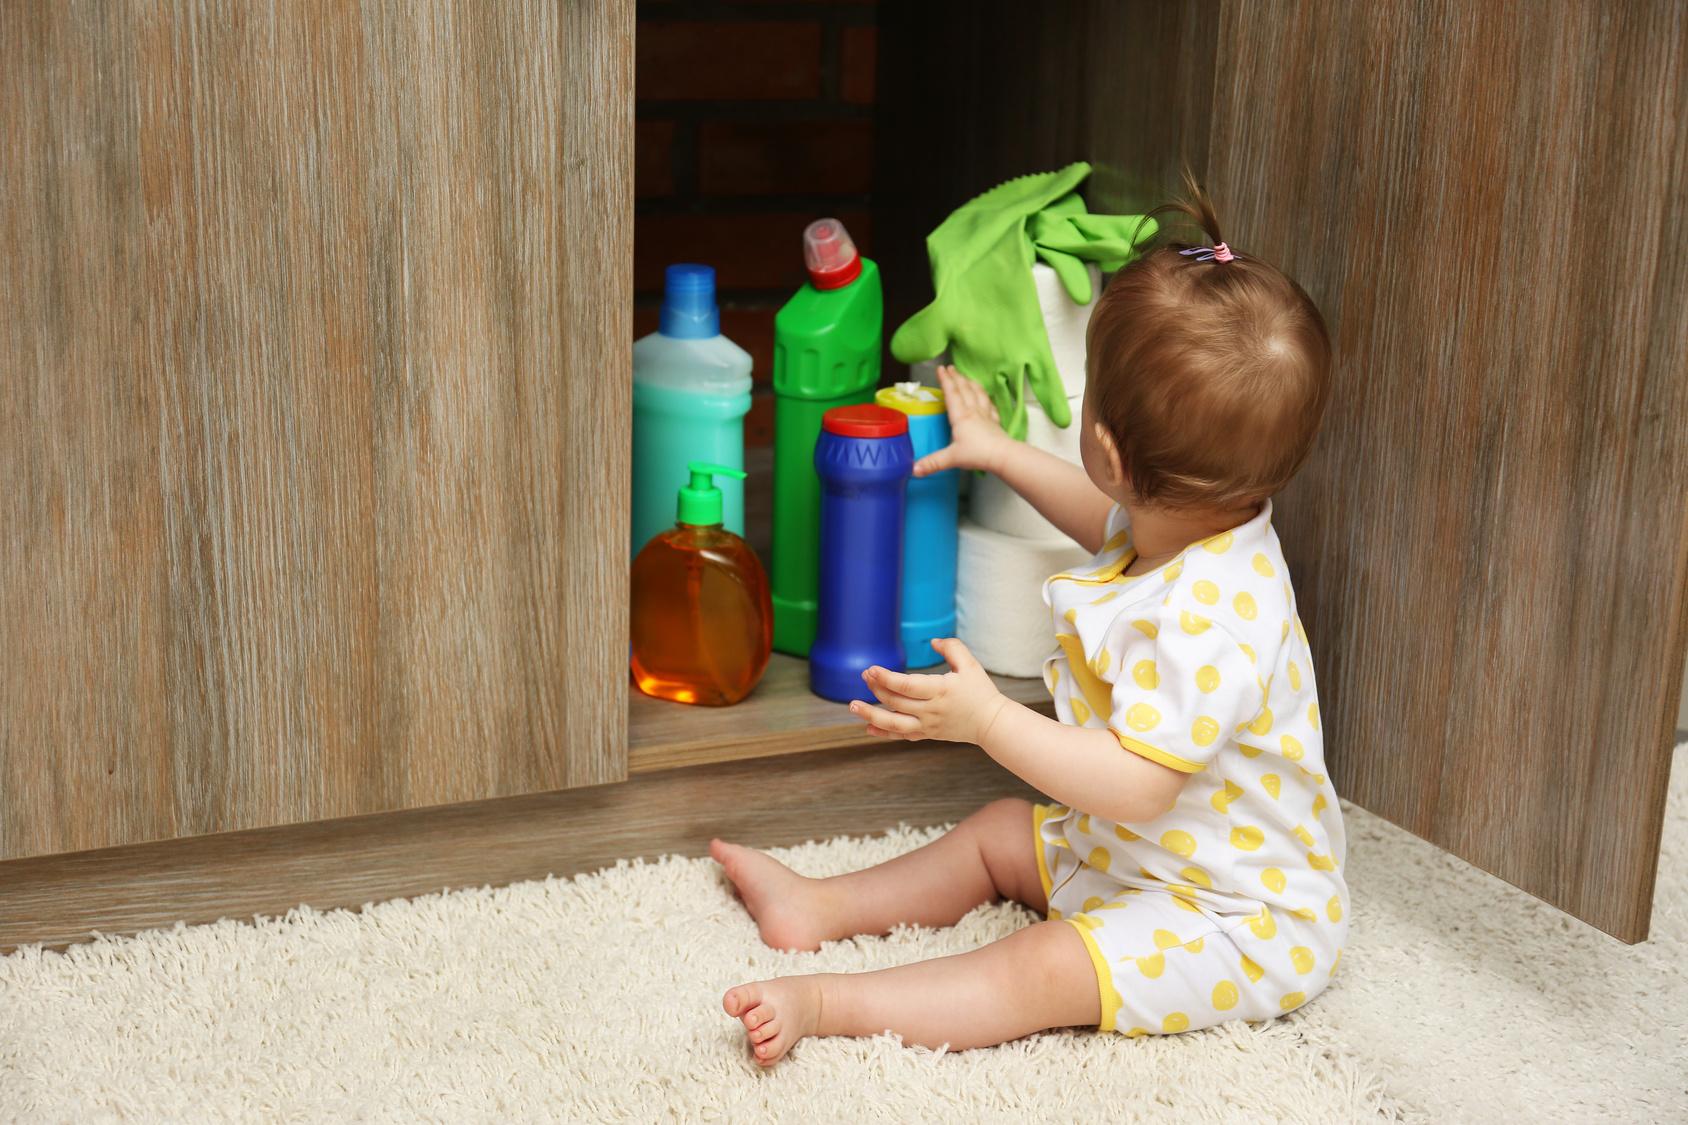 В Новороссийске двухлетний ребенок отравился бытовой химией